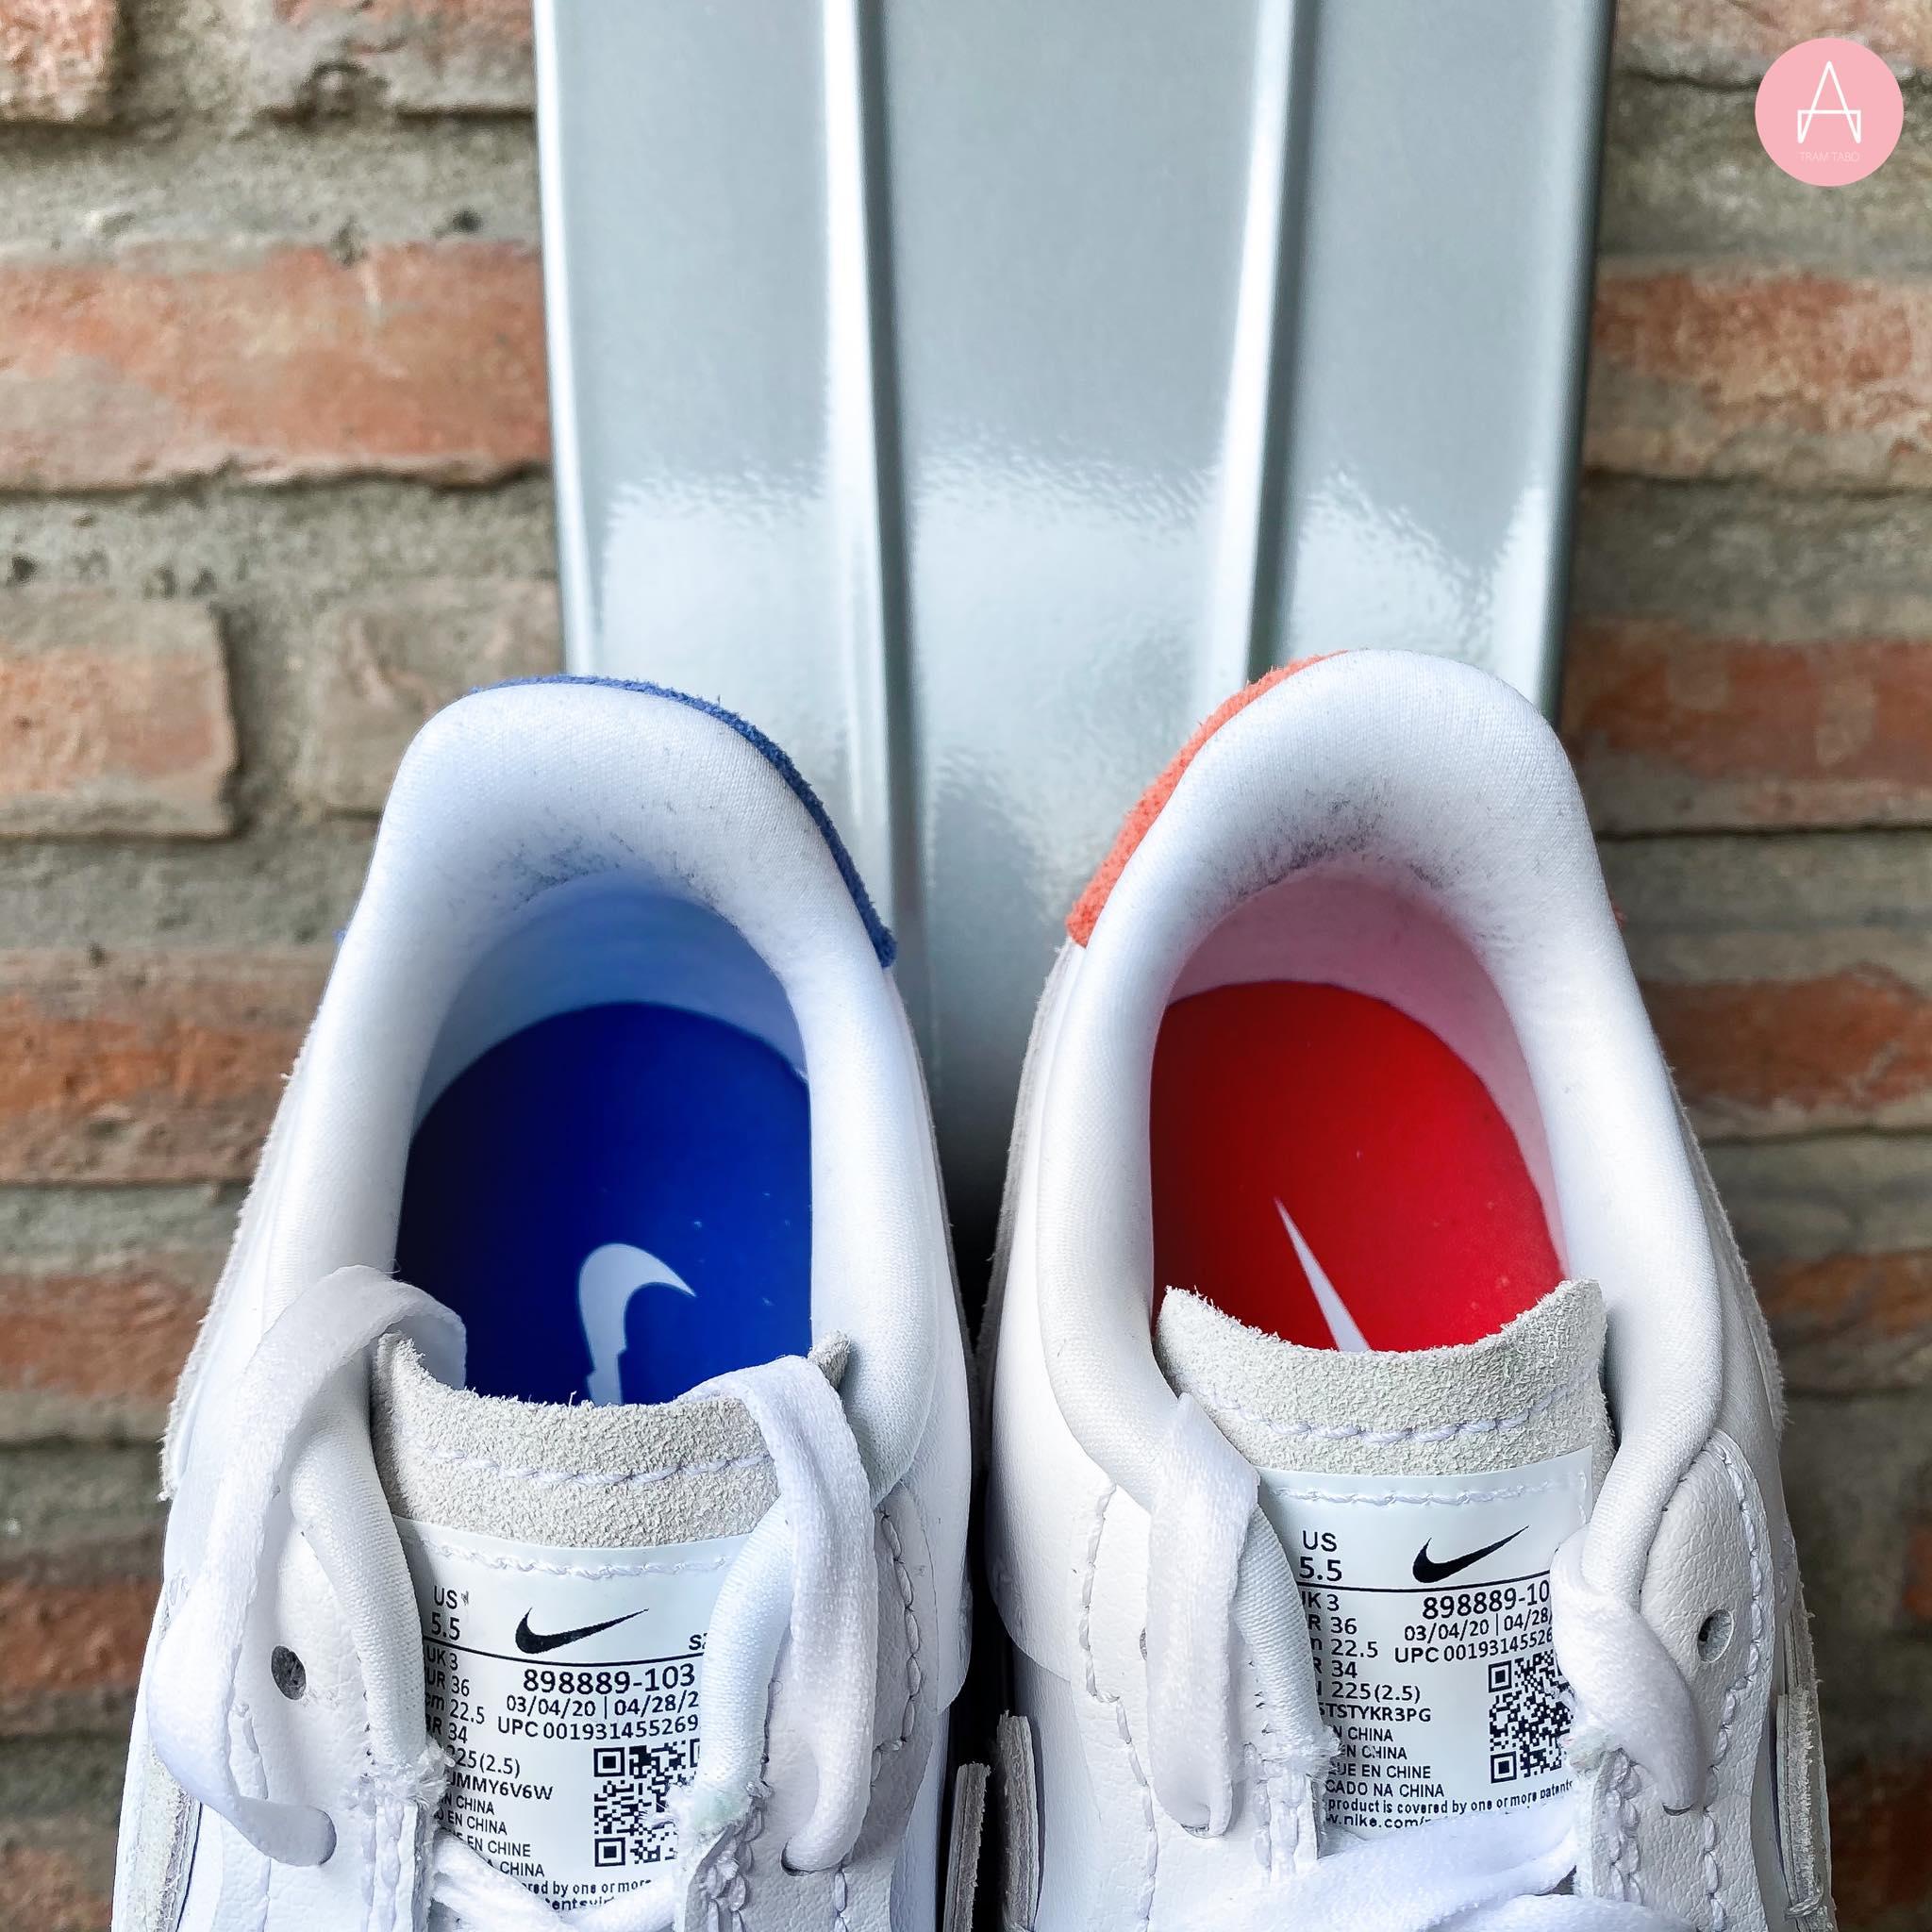 [898889-103] W NIKE AIR FORCE 1 LX VANDALIED WHITE/BLUE/RED